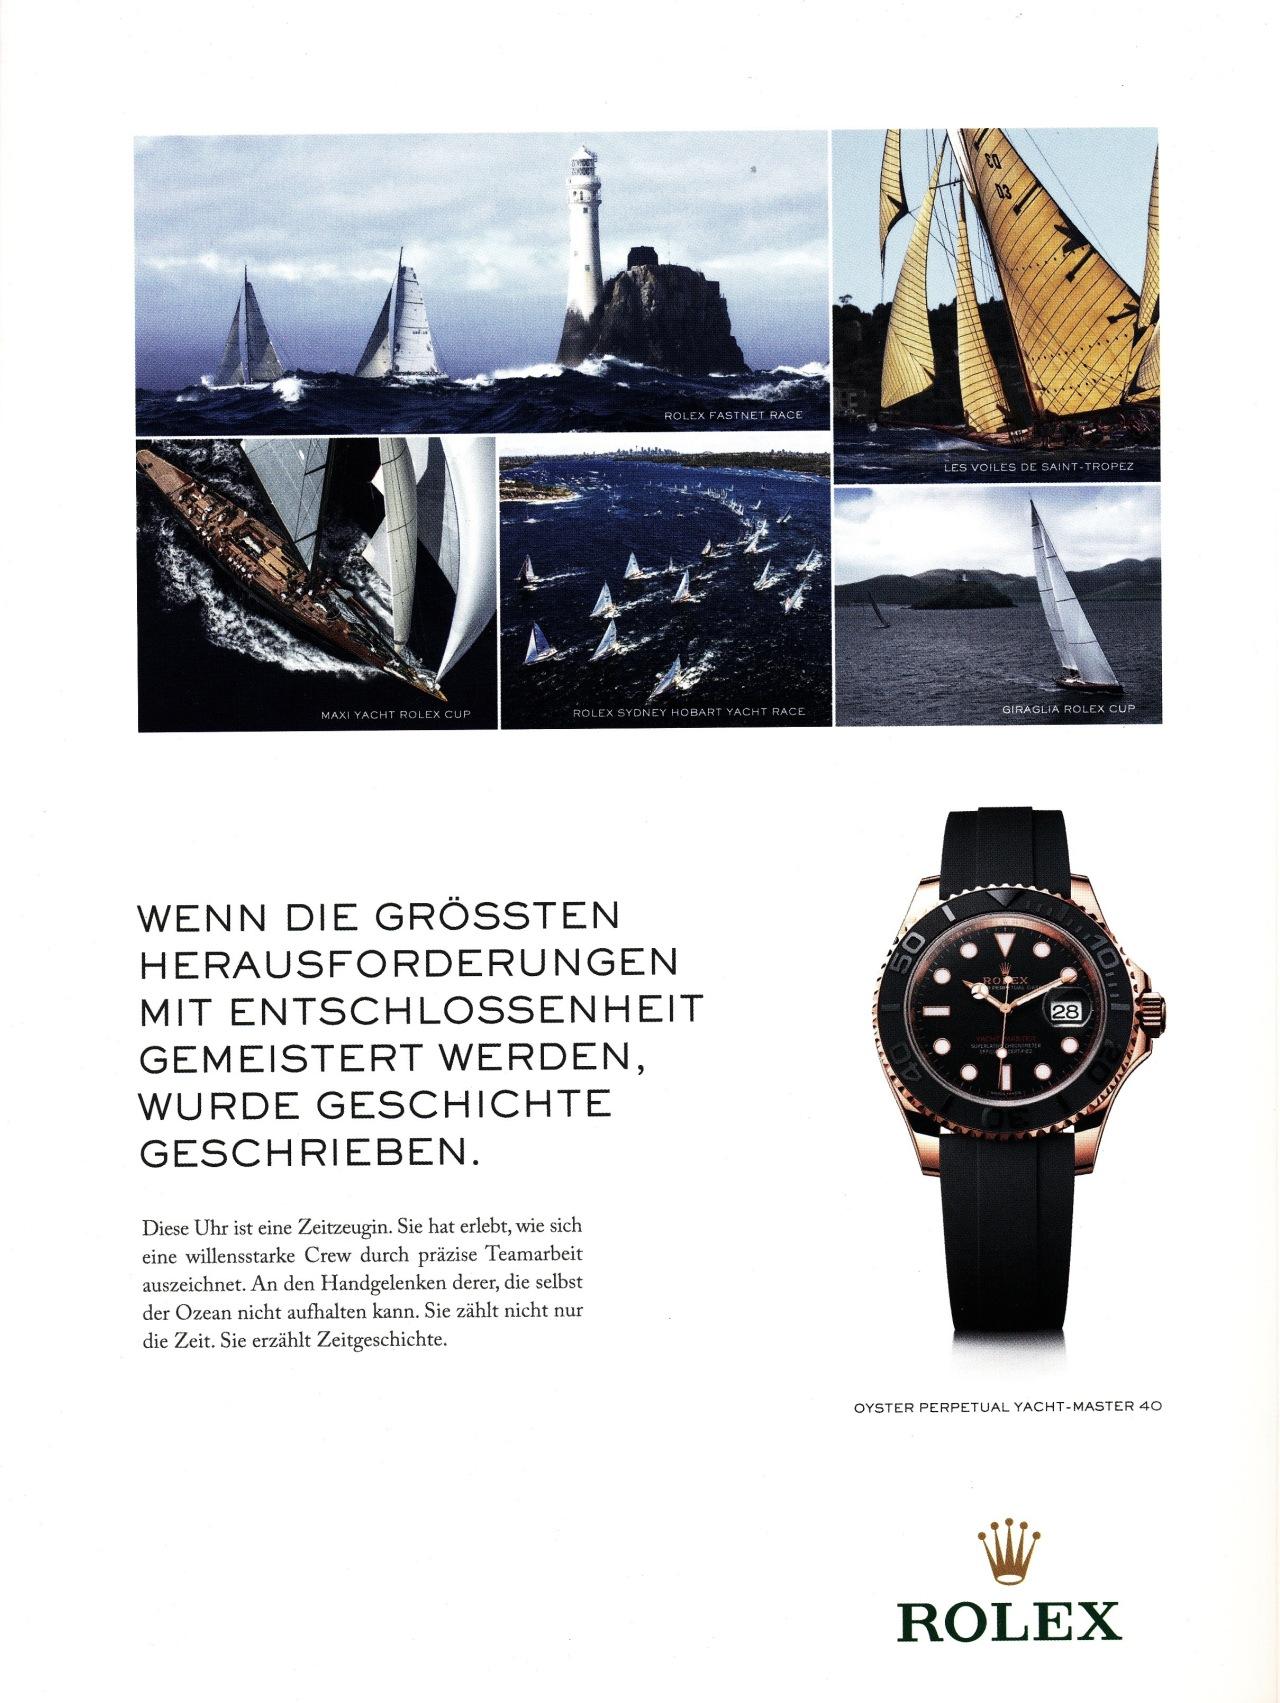 Rolex Ad 2016 (1)